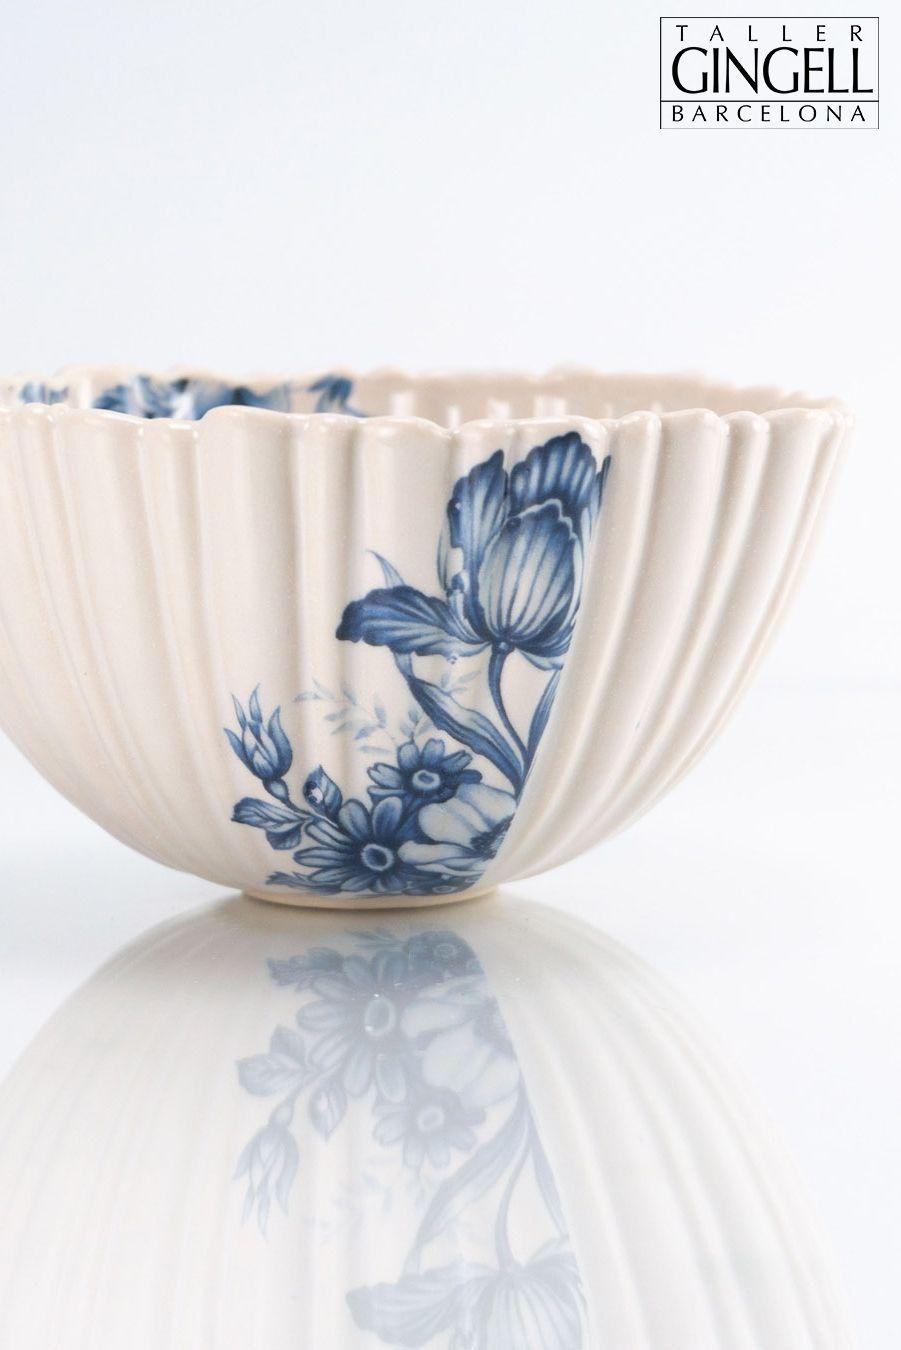 A stoneware bowl with blue decoration today. 😊  Un cuenco de gres con decoración azul hoy. 😊  #handbuiltceramics #ceramicsofinstagram #ceramics #design #tableware #interiordesign #breakfasttime #art #handcrafted #makersgonnamake #healthybreakfast #healthy #handmade #artisan #create